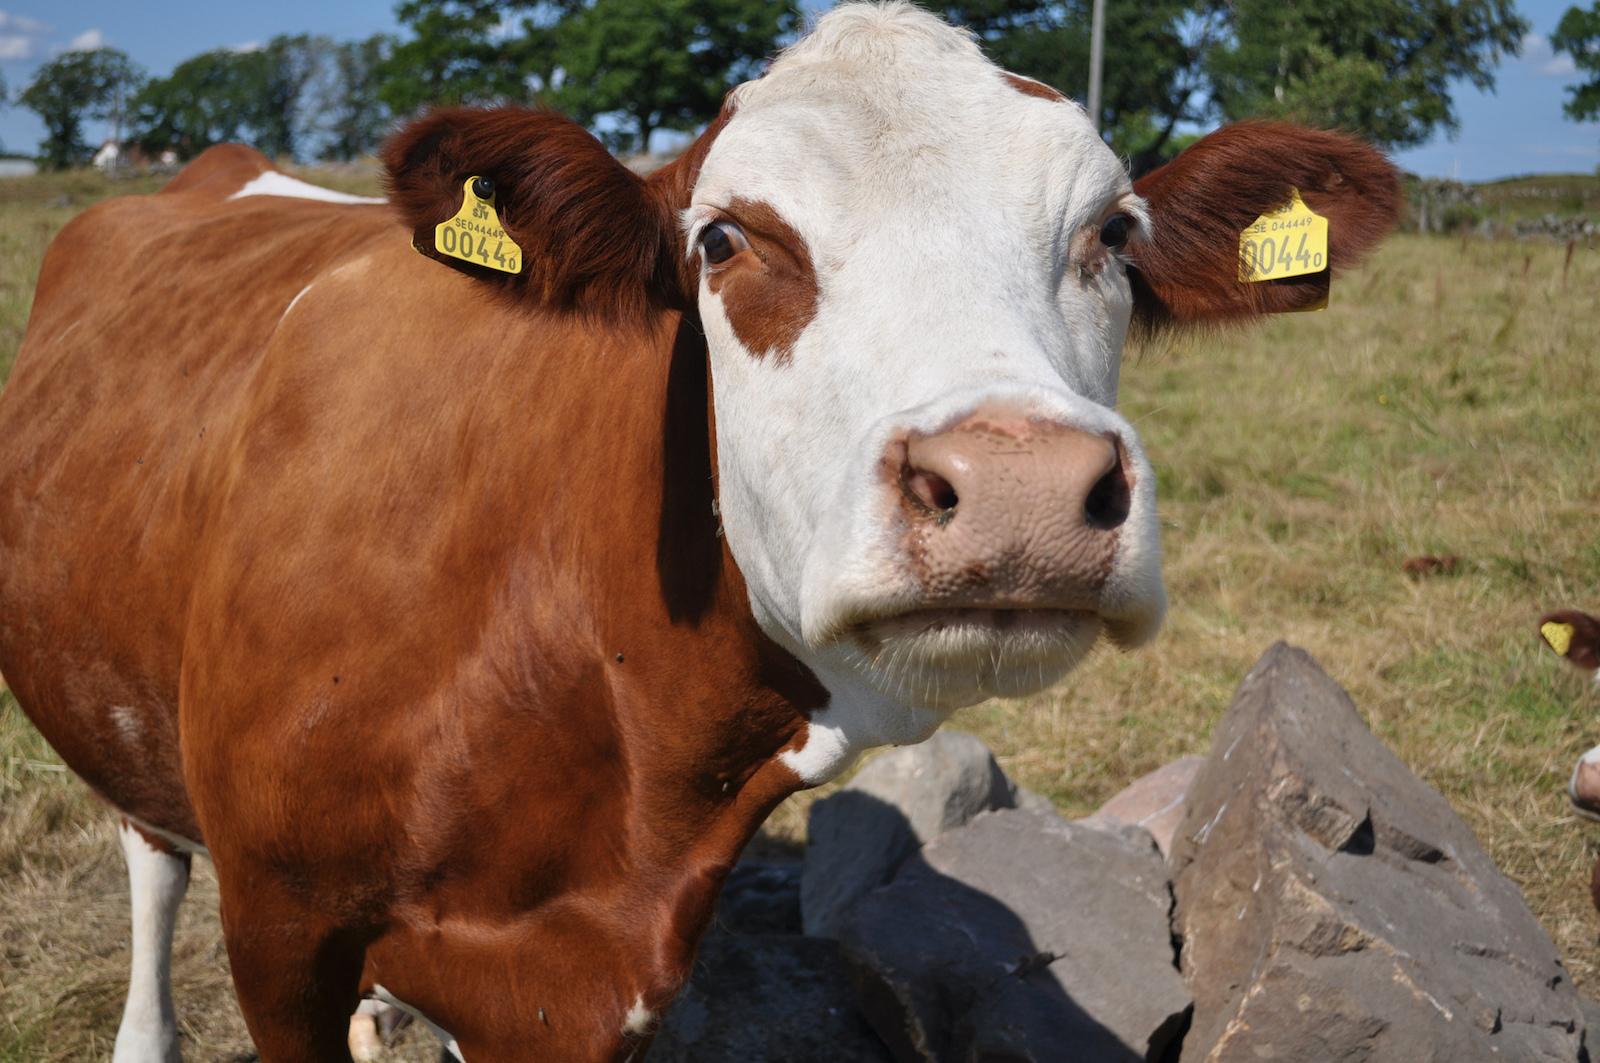 En EEUU, un desacuerdo sobre vacas puede acabar con una subida de impuestos en las motos europeas